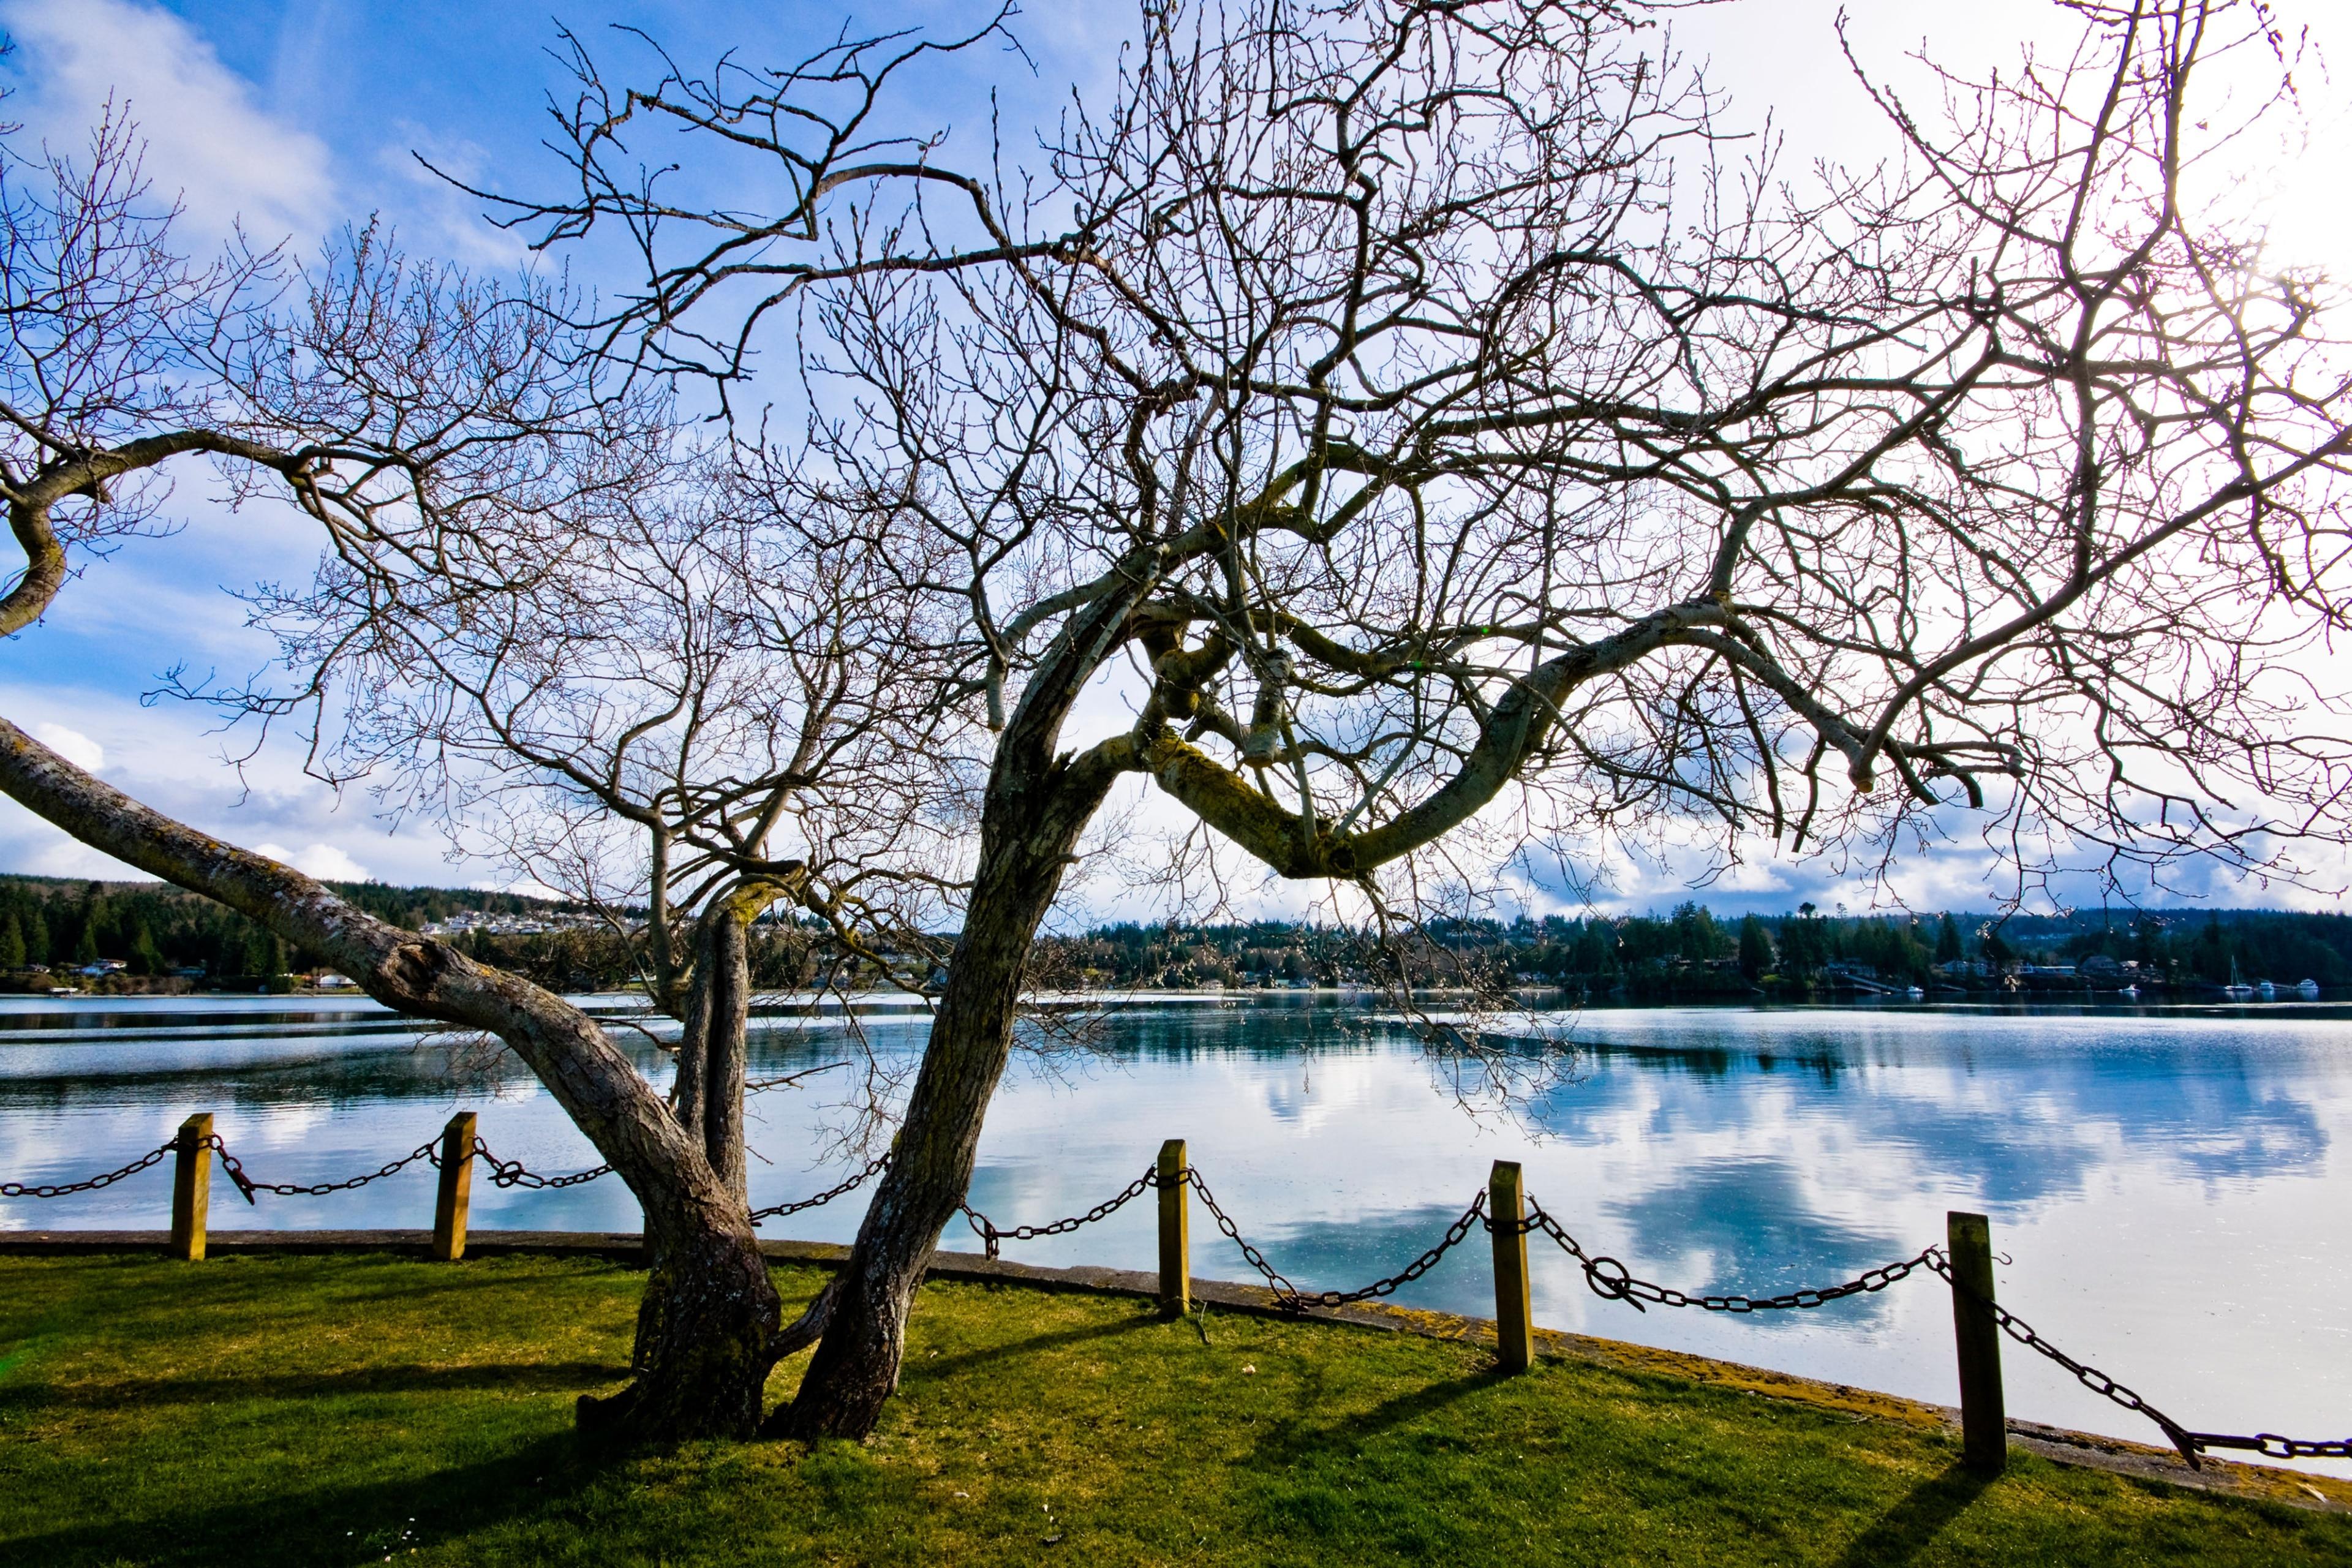 Port Ludlow, Washington, United States of America